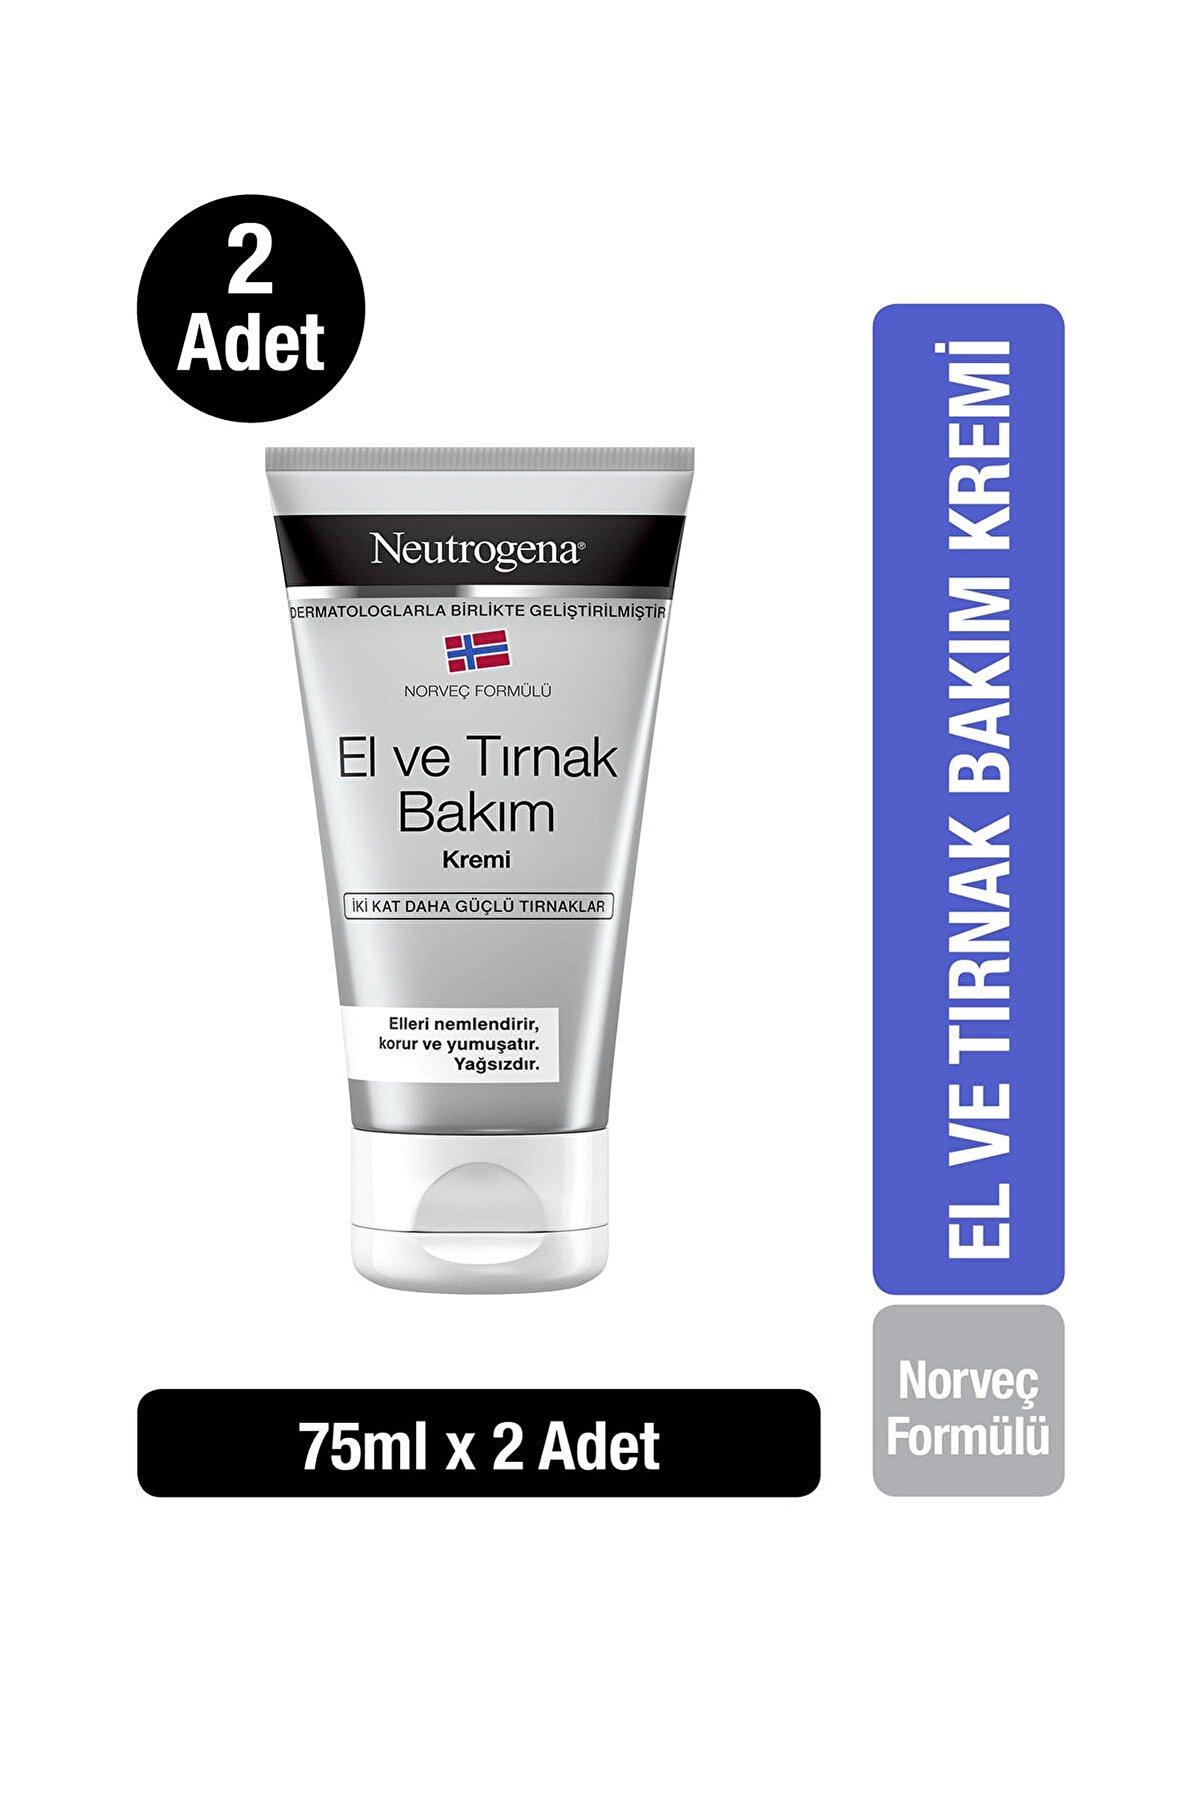 Neutrogena Norveç Formülü El & Tırnak Bakım Kremi 75 ml x2